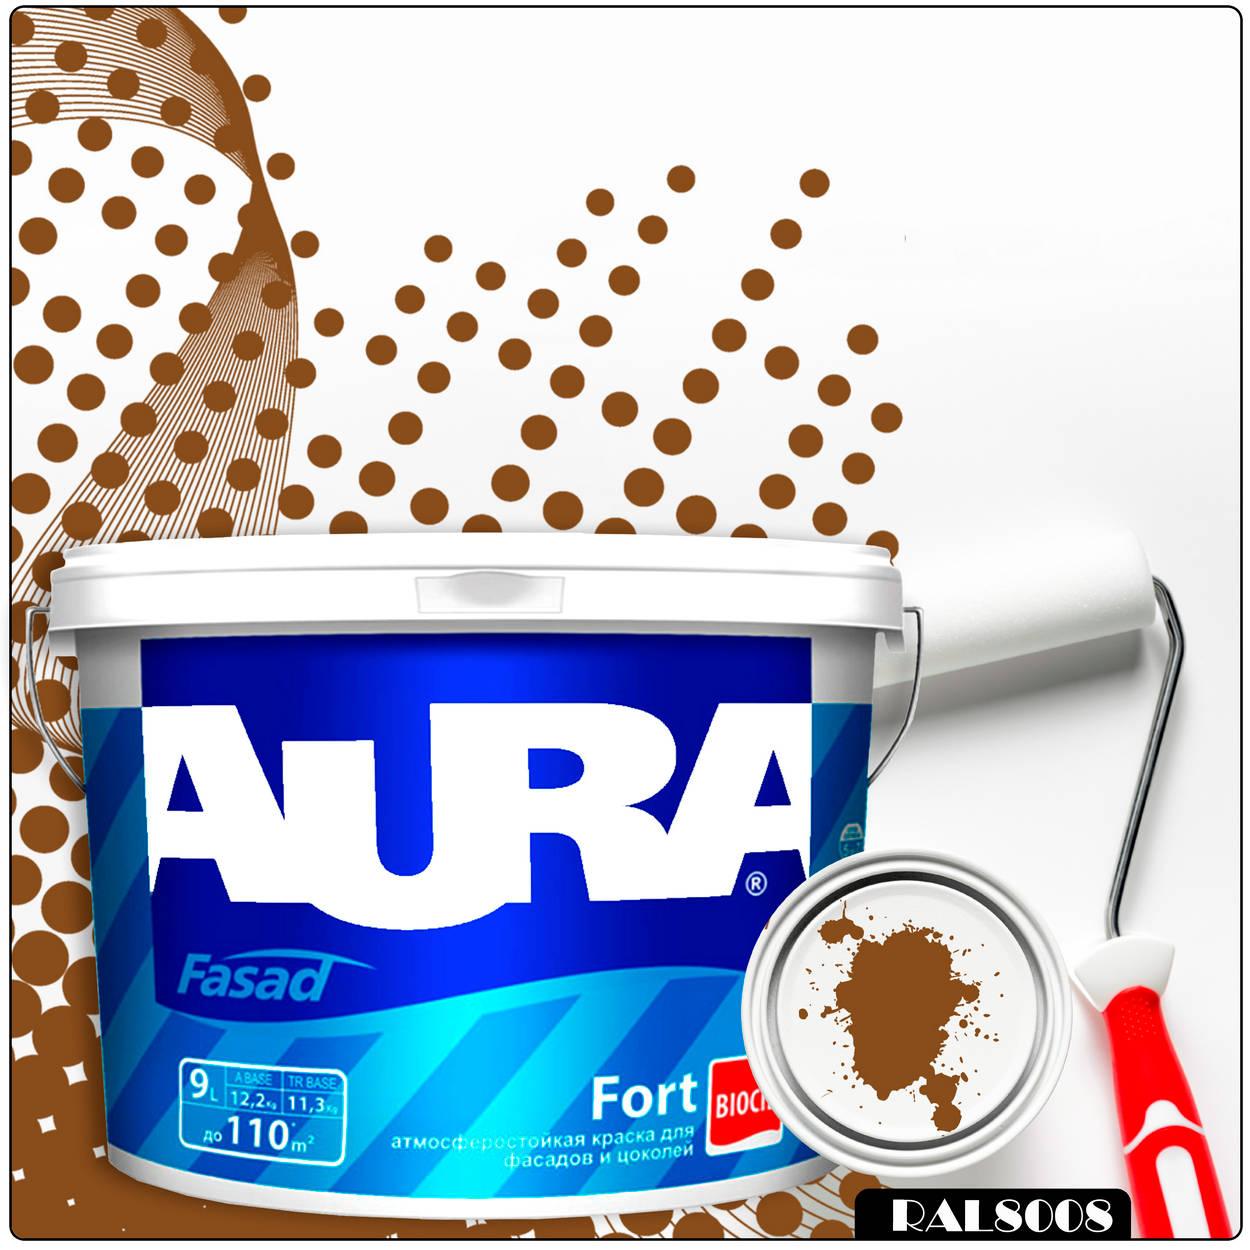 Фото 6 - Краска Aura Fasad Fort, RAL 8008 Оливково-коричневый, латексная, матовая, для фасада и цоколей, 9л, Аура.